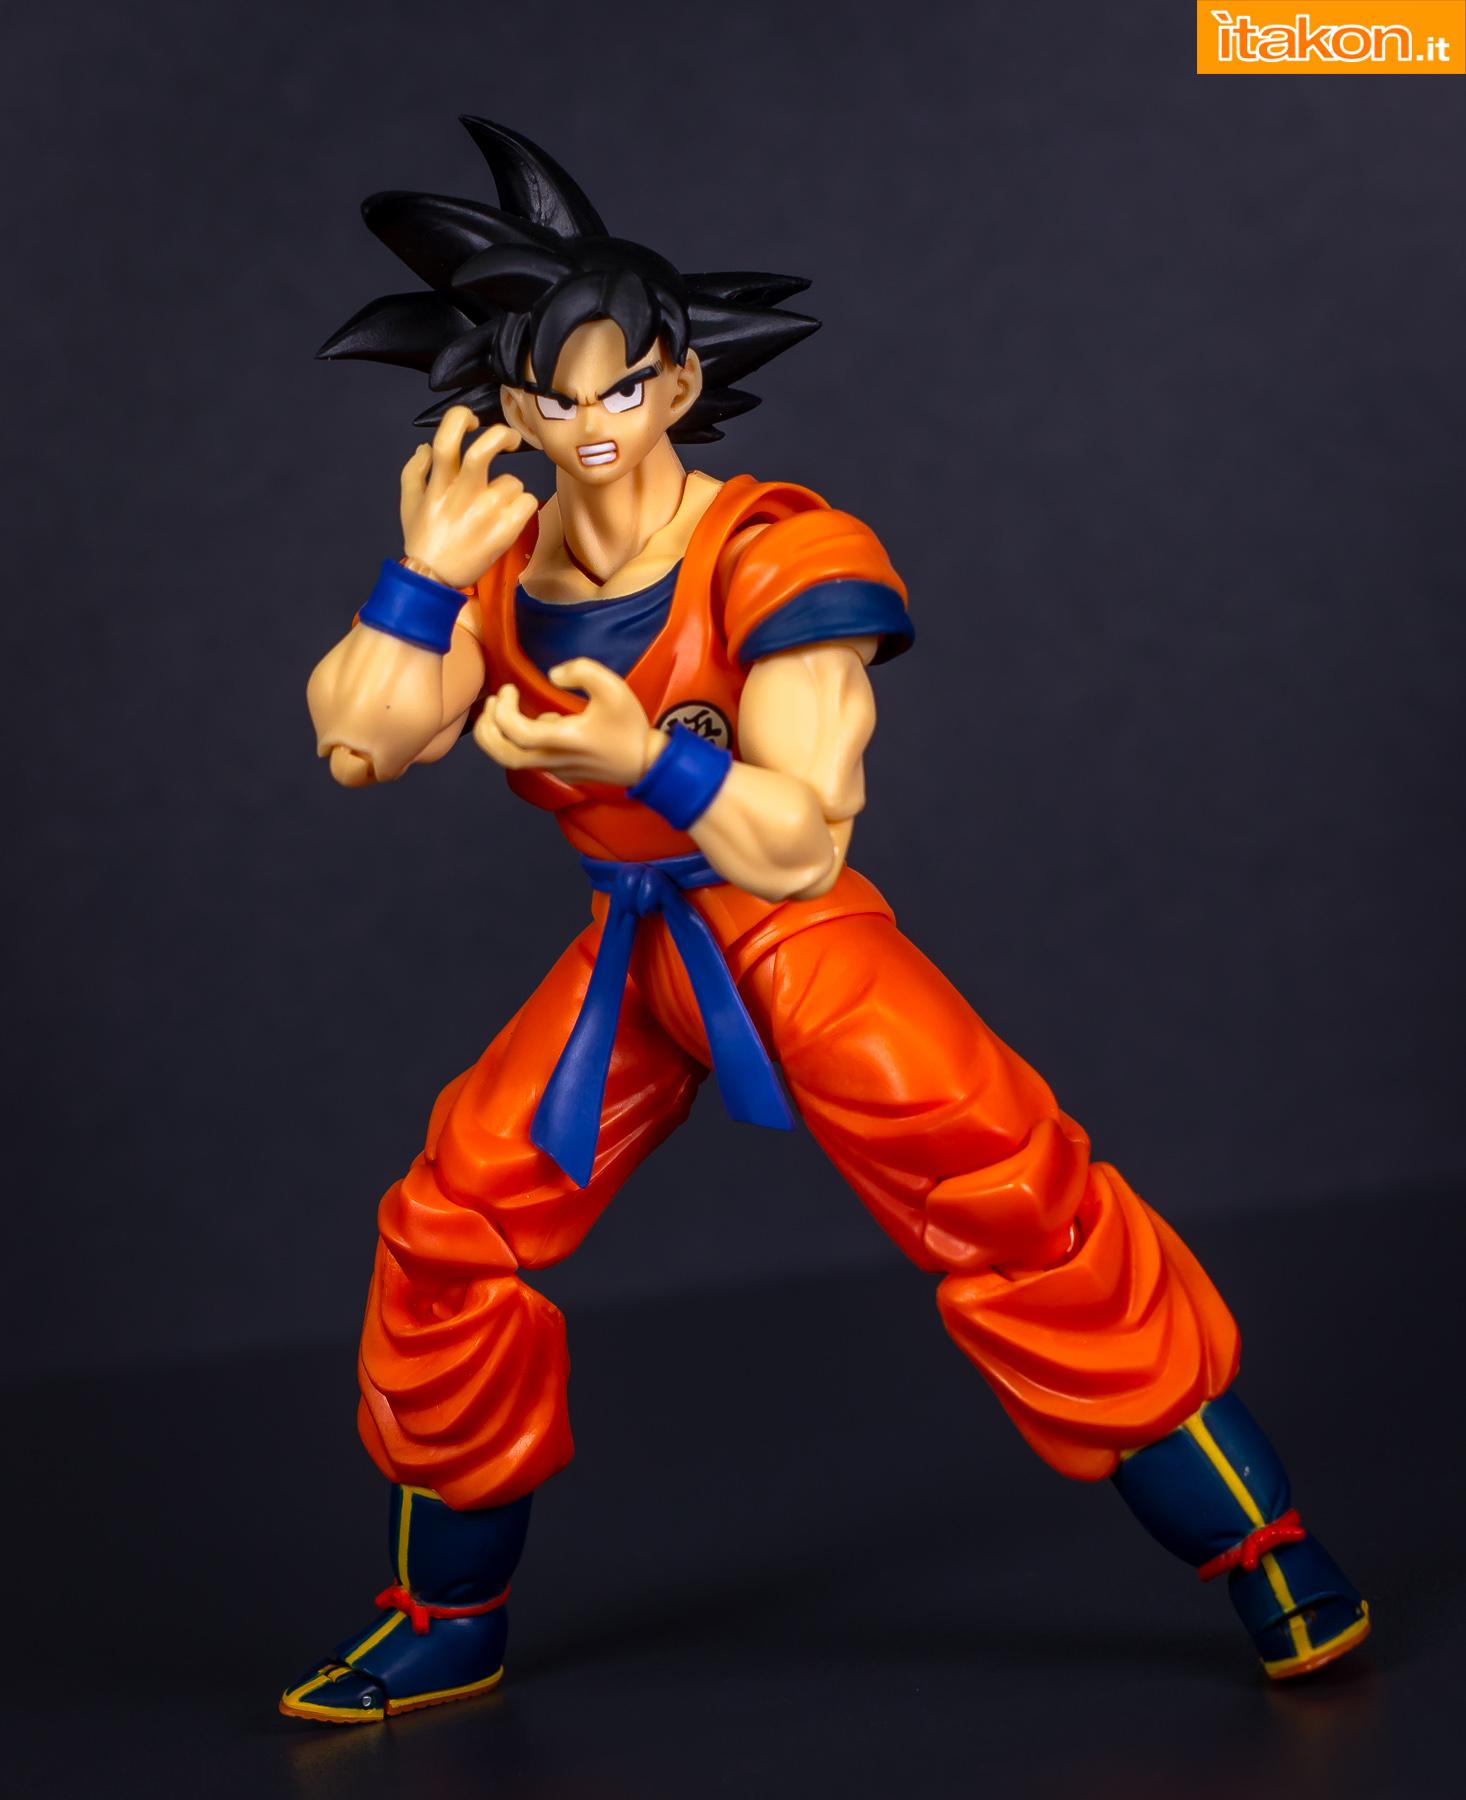 Link a Bandai Son Goku recensione-33